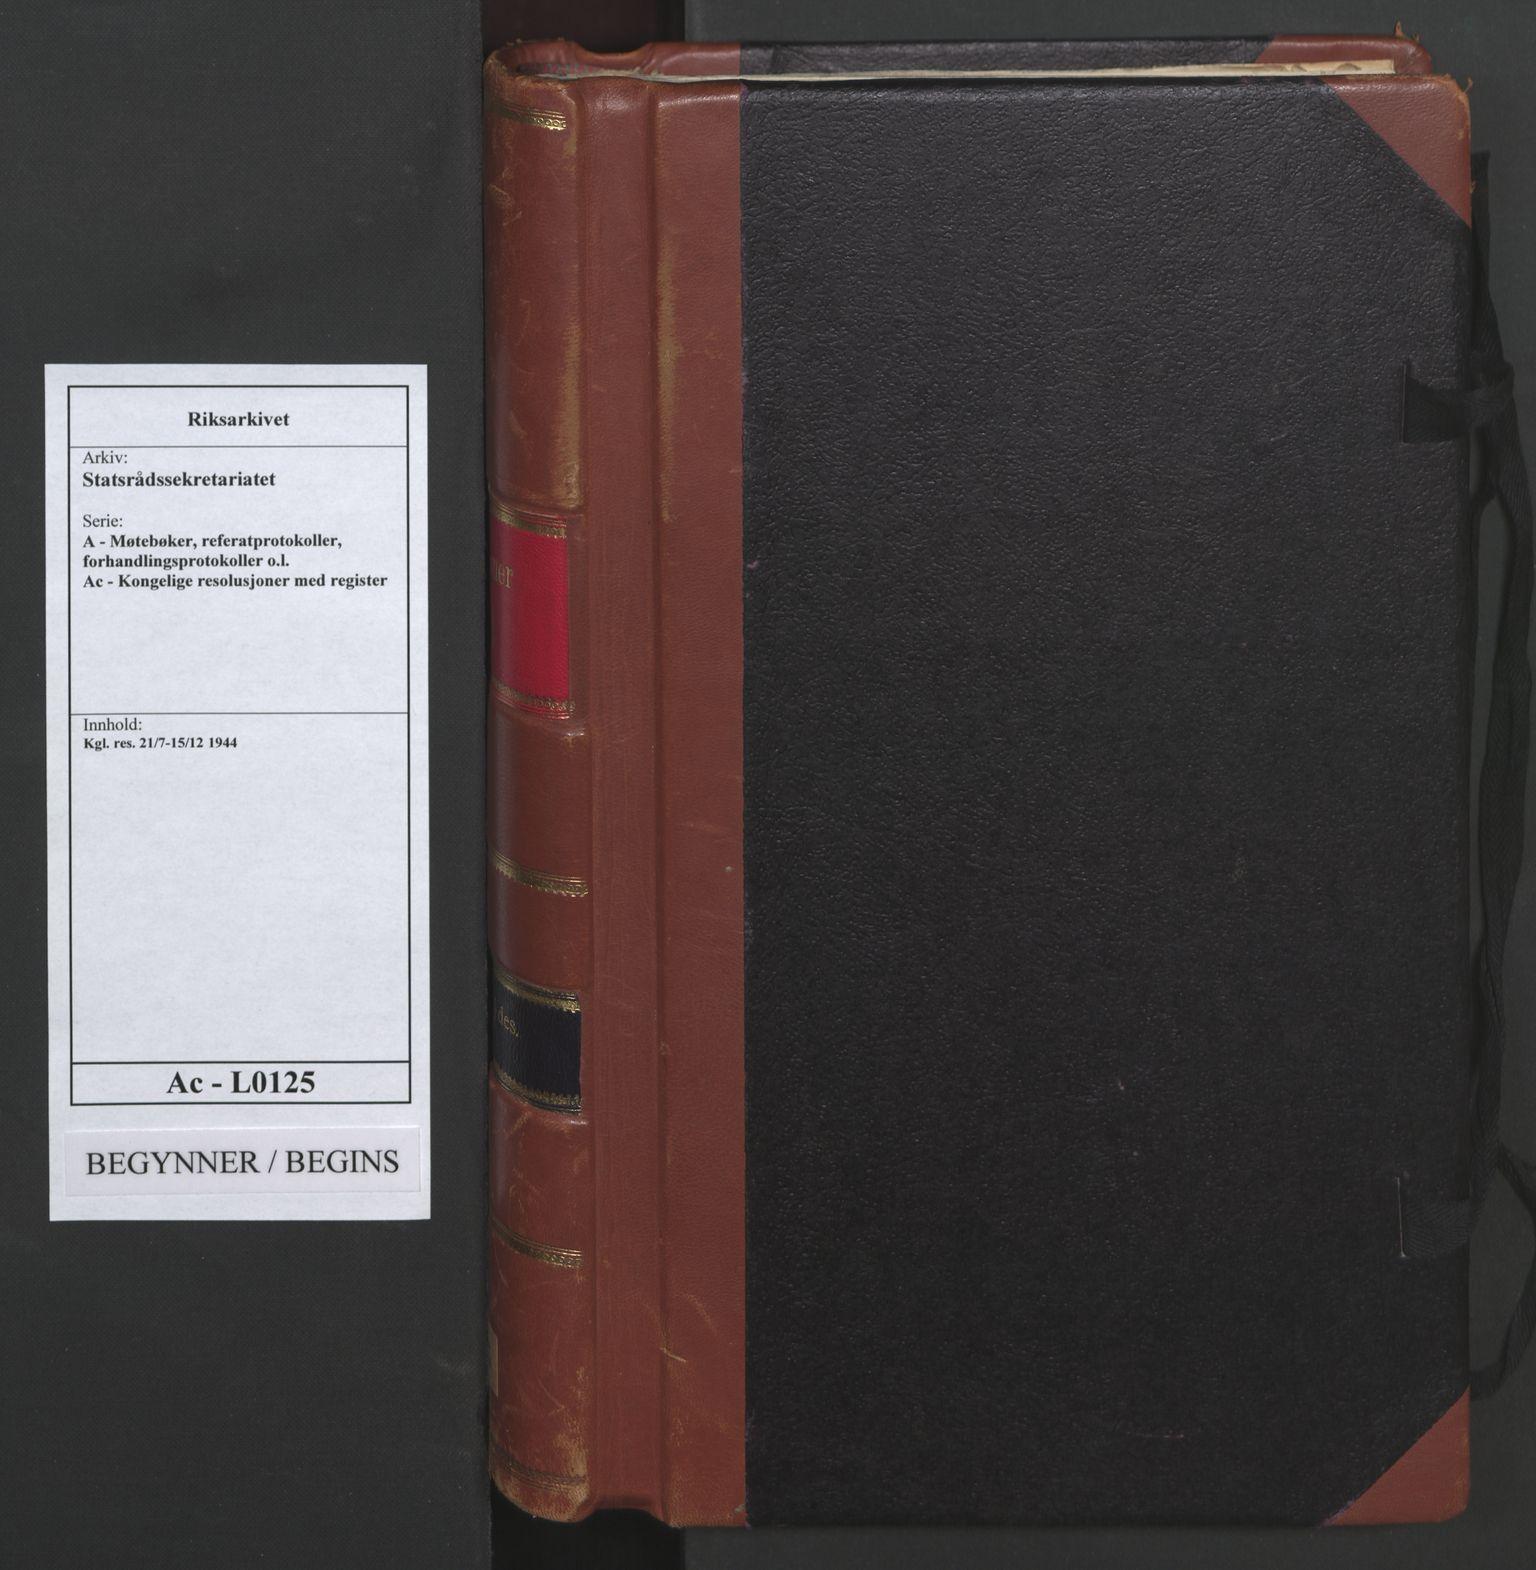 RA, Statsrådssekretariatet, A/Ac/L0125: Kgl. res. 21/7-15/12, 1944, s. upaginert